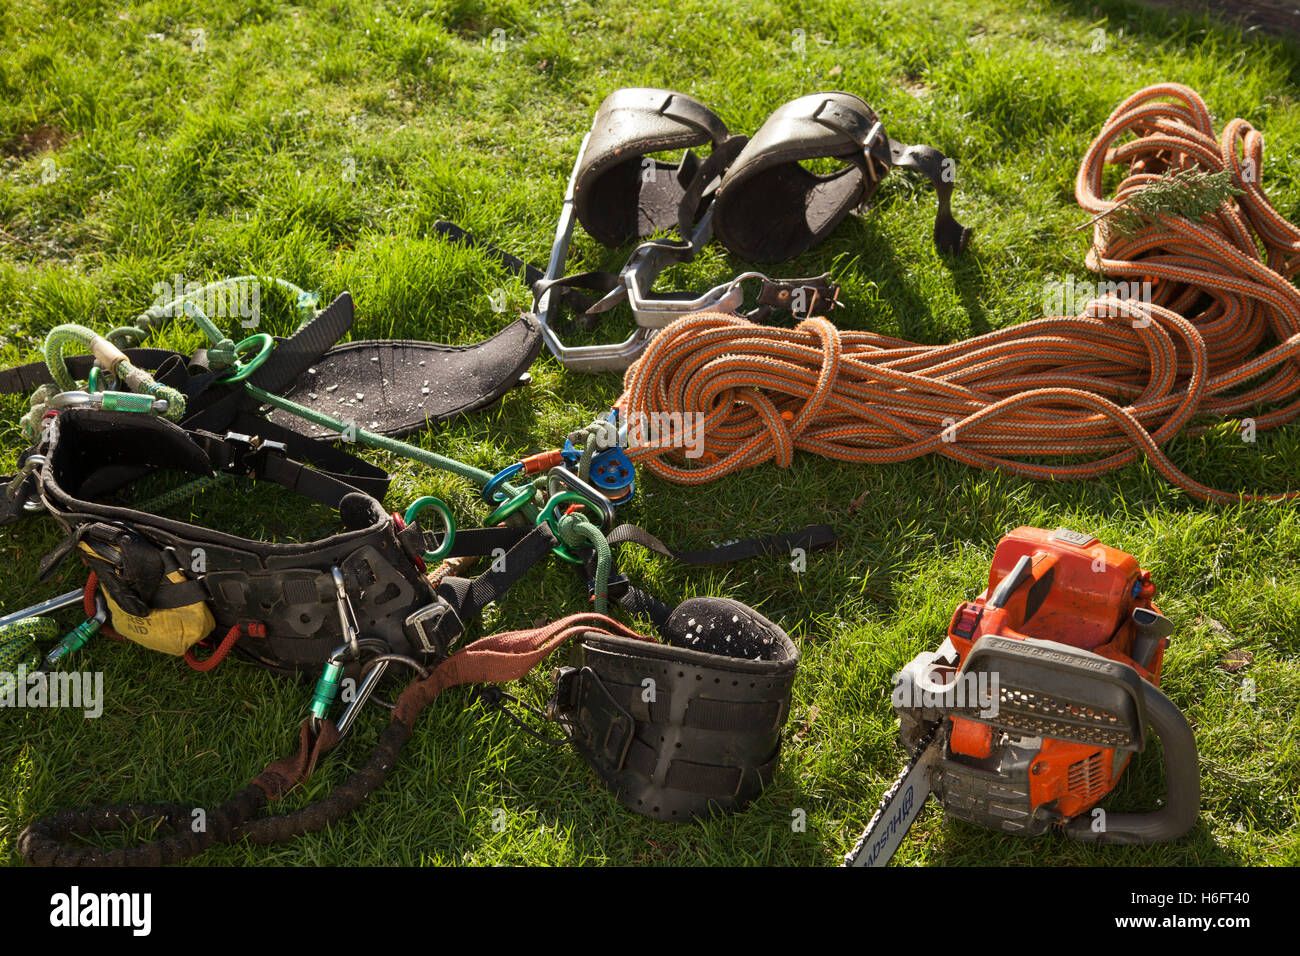 Klettergurt Baumklettern : Baum chirurgen ausrüstung klettern klettergurt seil kettensäge